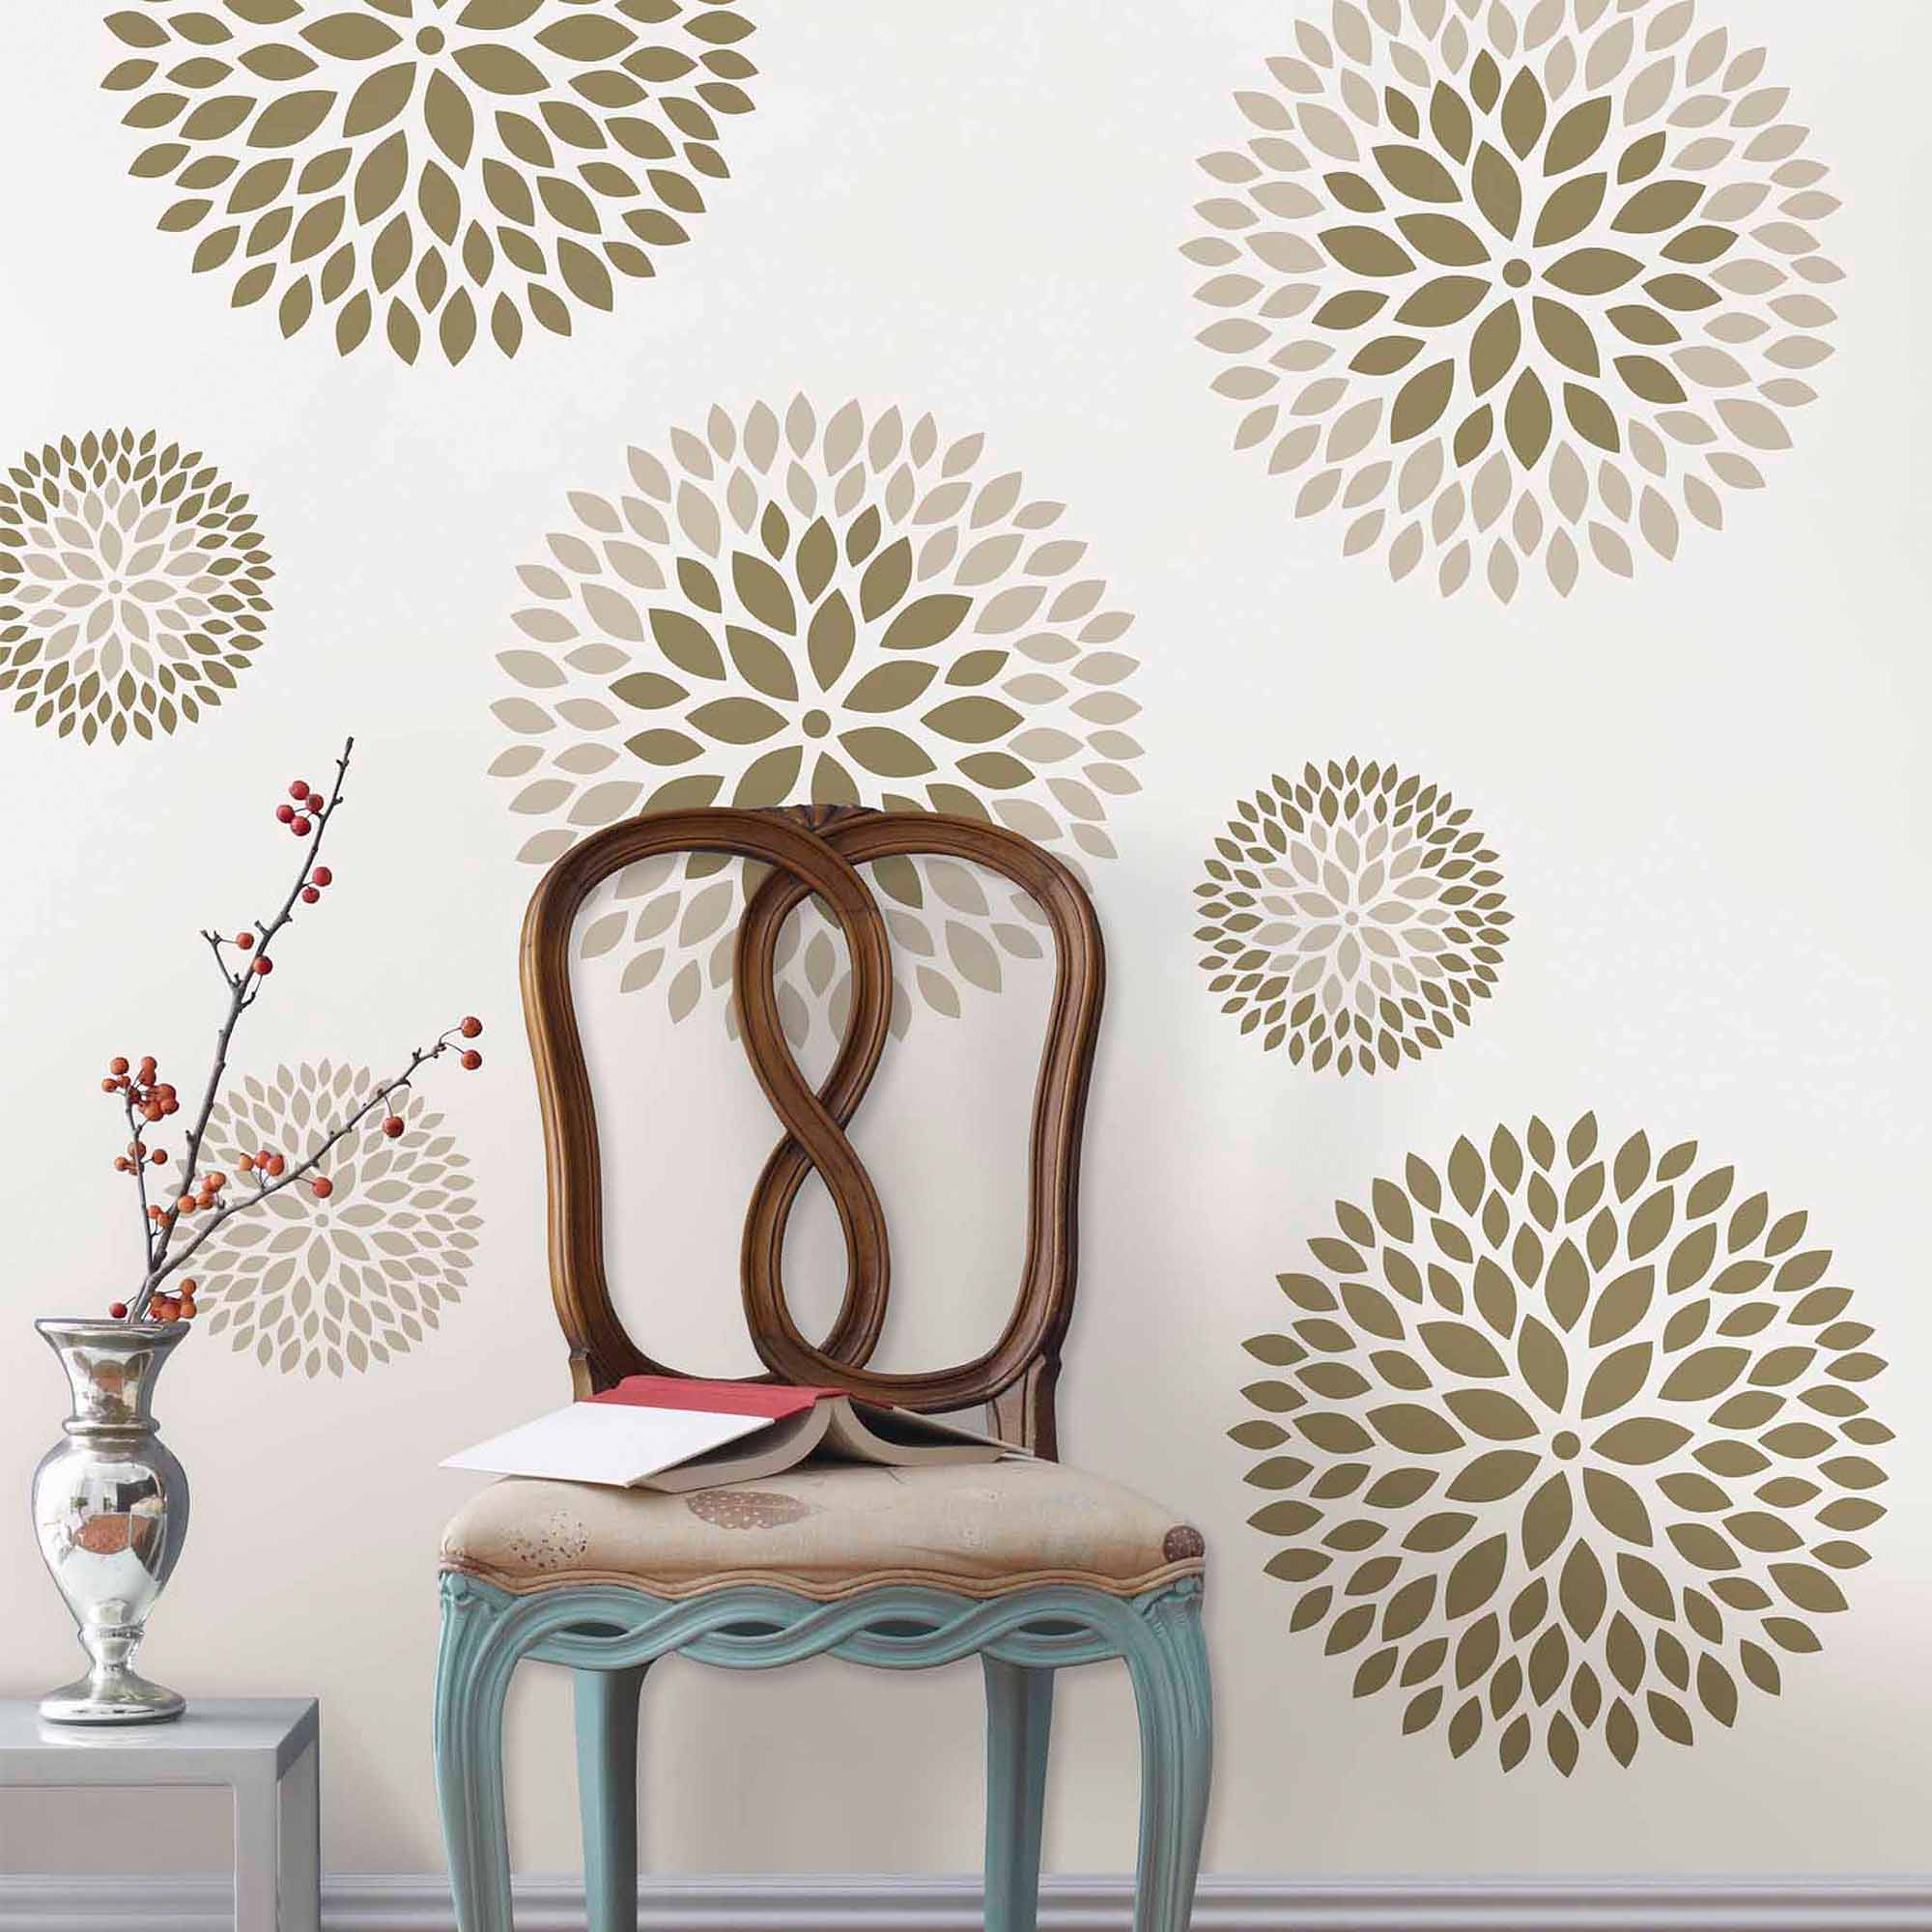 Wall Art Decals wallpops chrysanthemum wall art decals kit - walmart